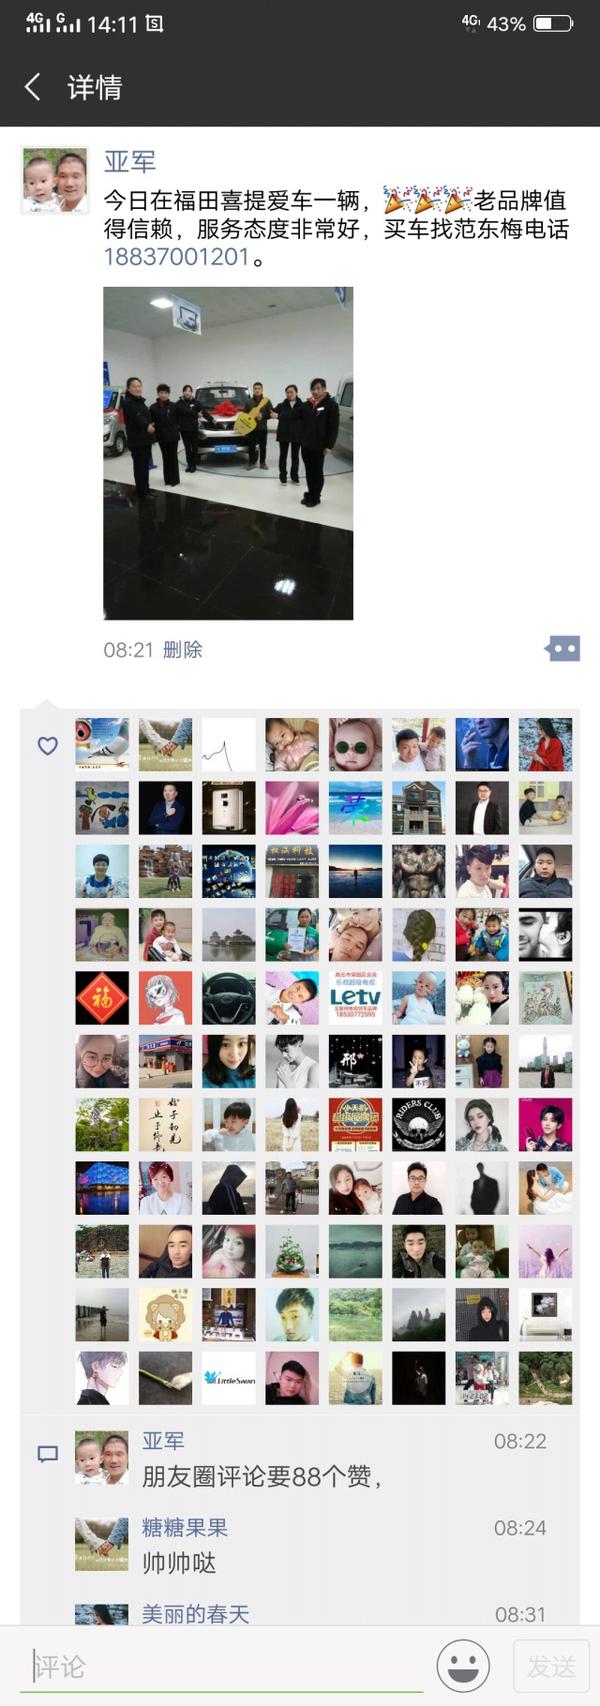 新老用户朋友圈晒车得奖励福田祥菱2月起红包雨不停